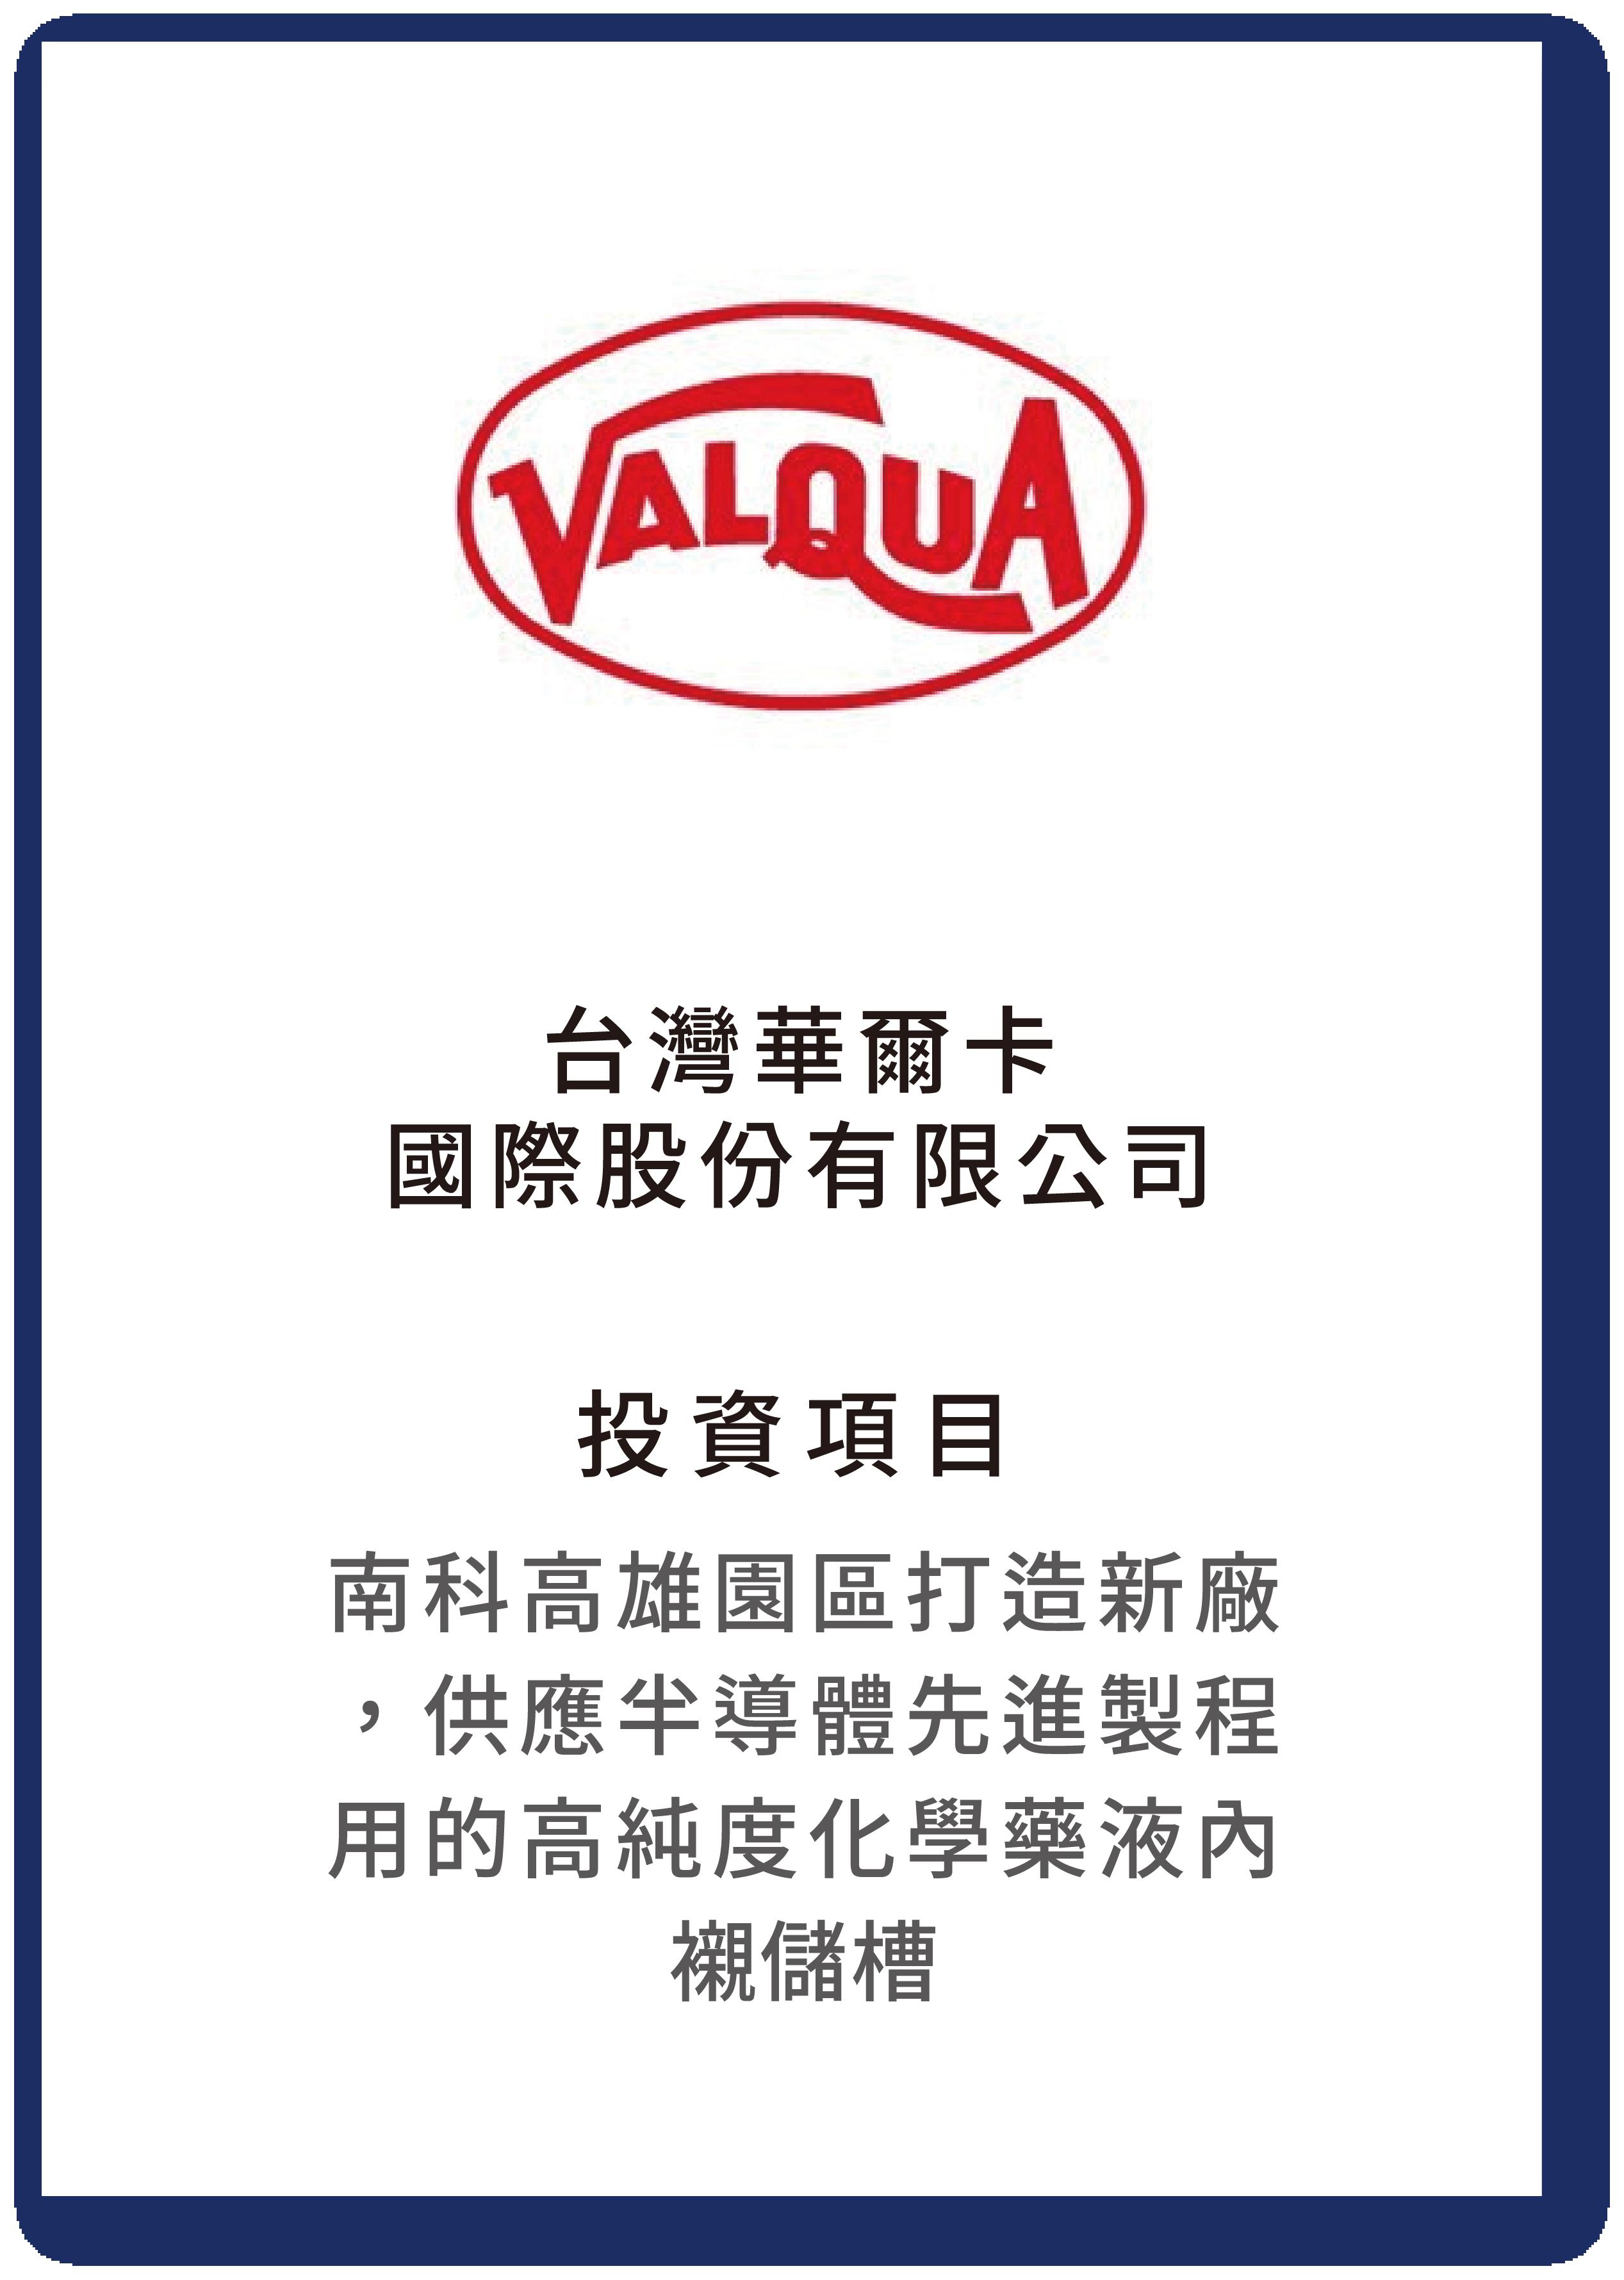 台灣華爾卡國際股份有限公司